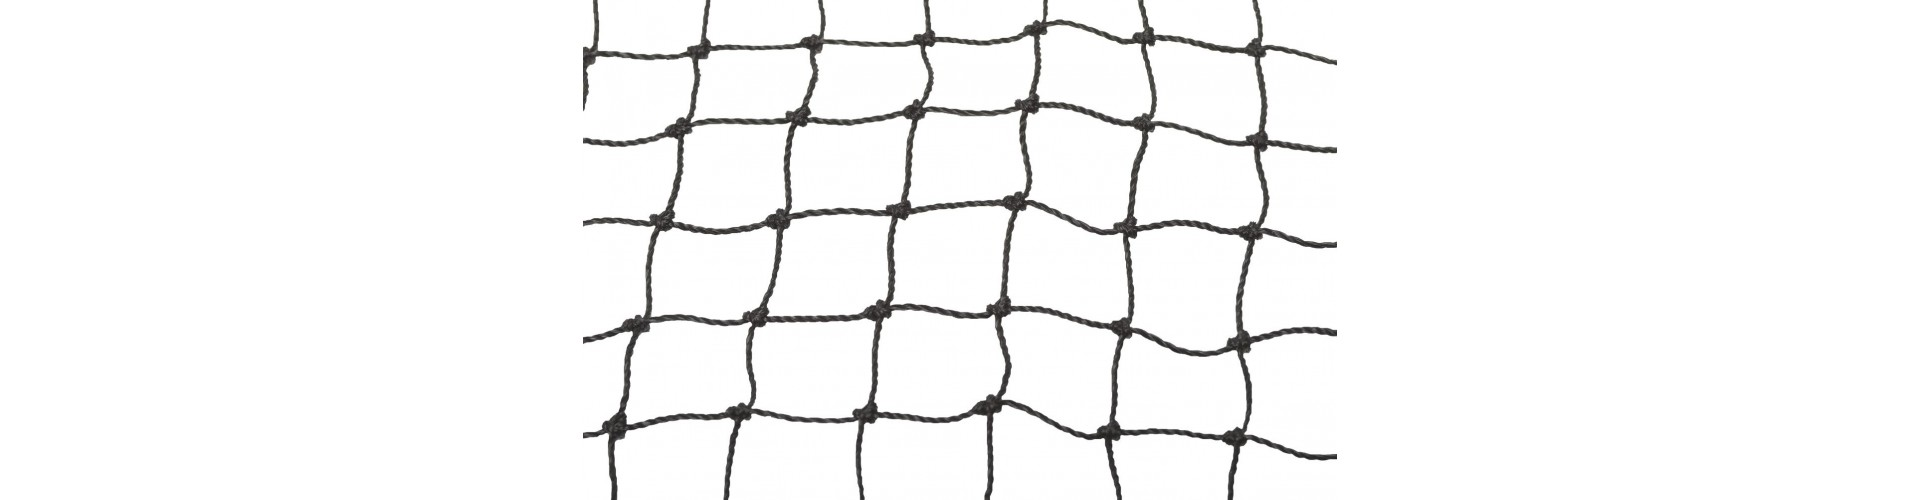 Opdræt af fasaner - Alt i udstyr til fasanopdræt